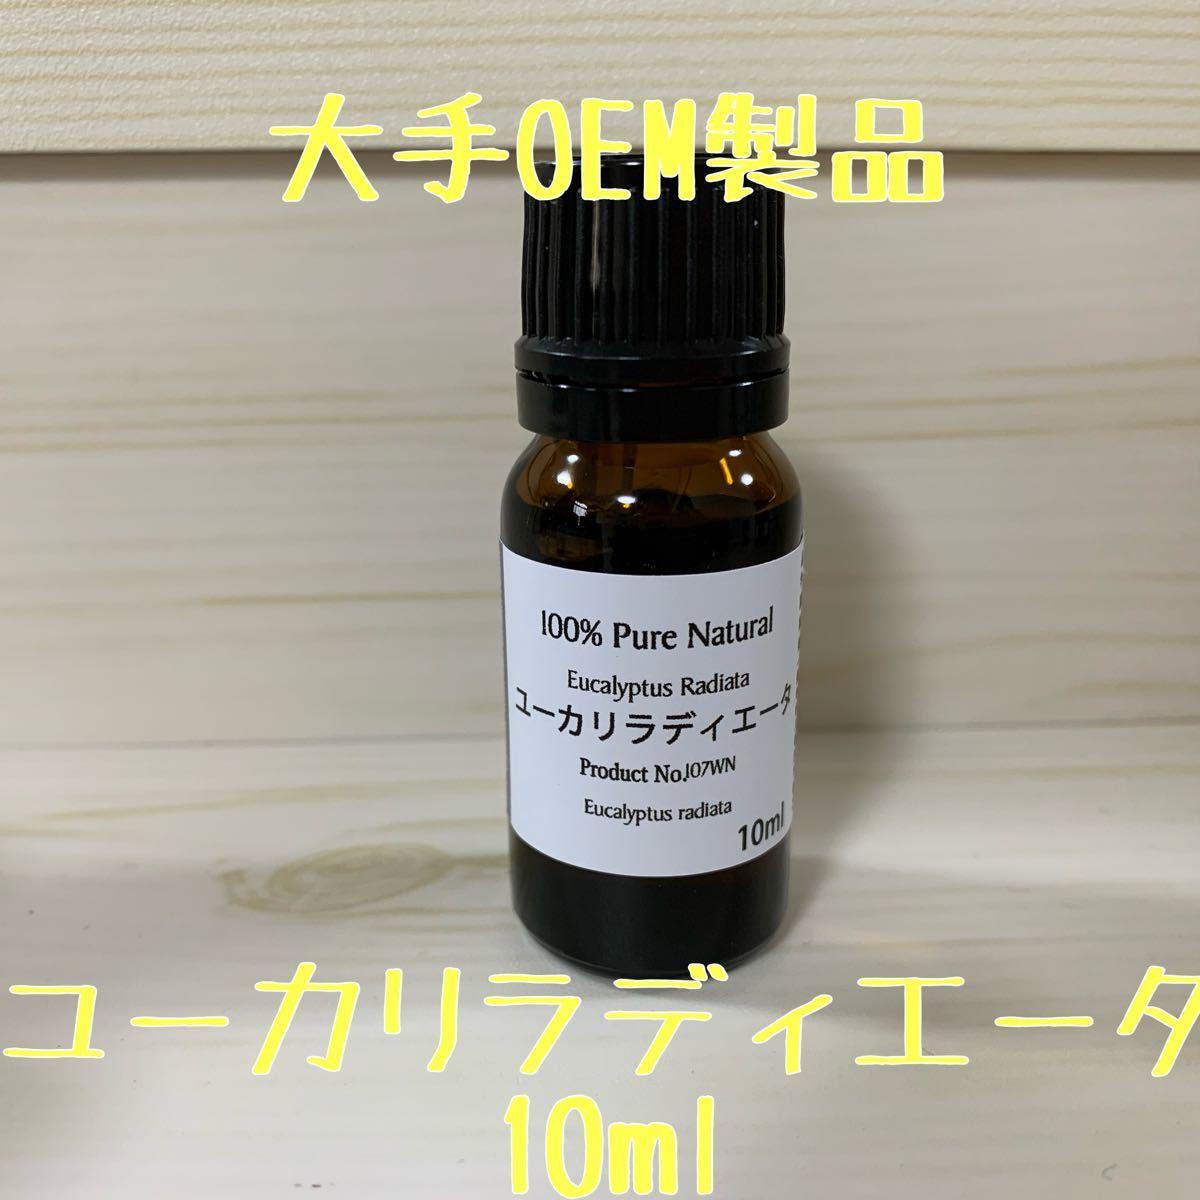 エッセンシャルオイル ユーカリラディエータ 精油10ml